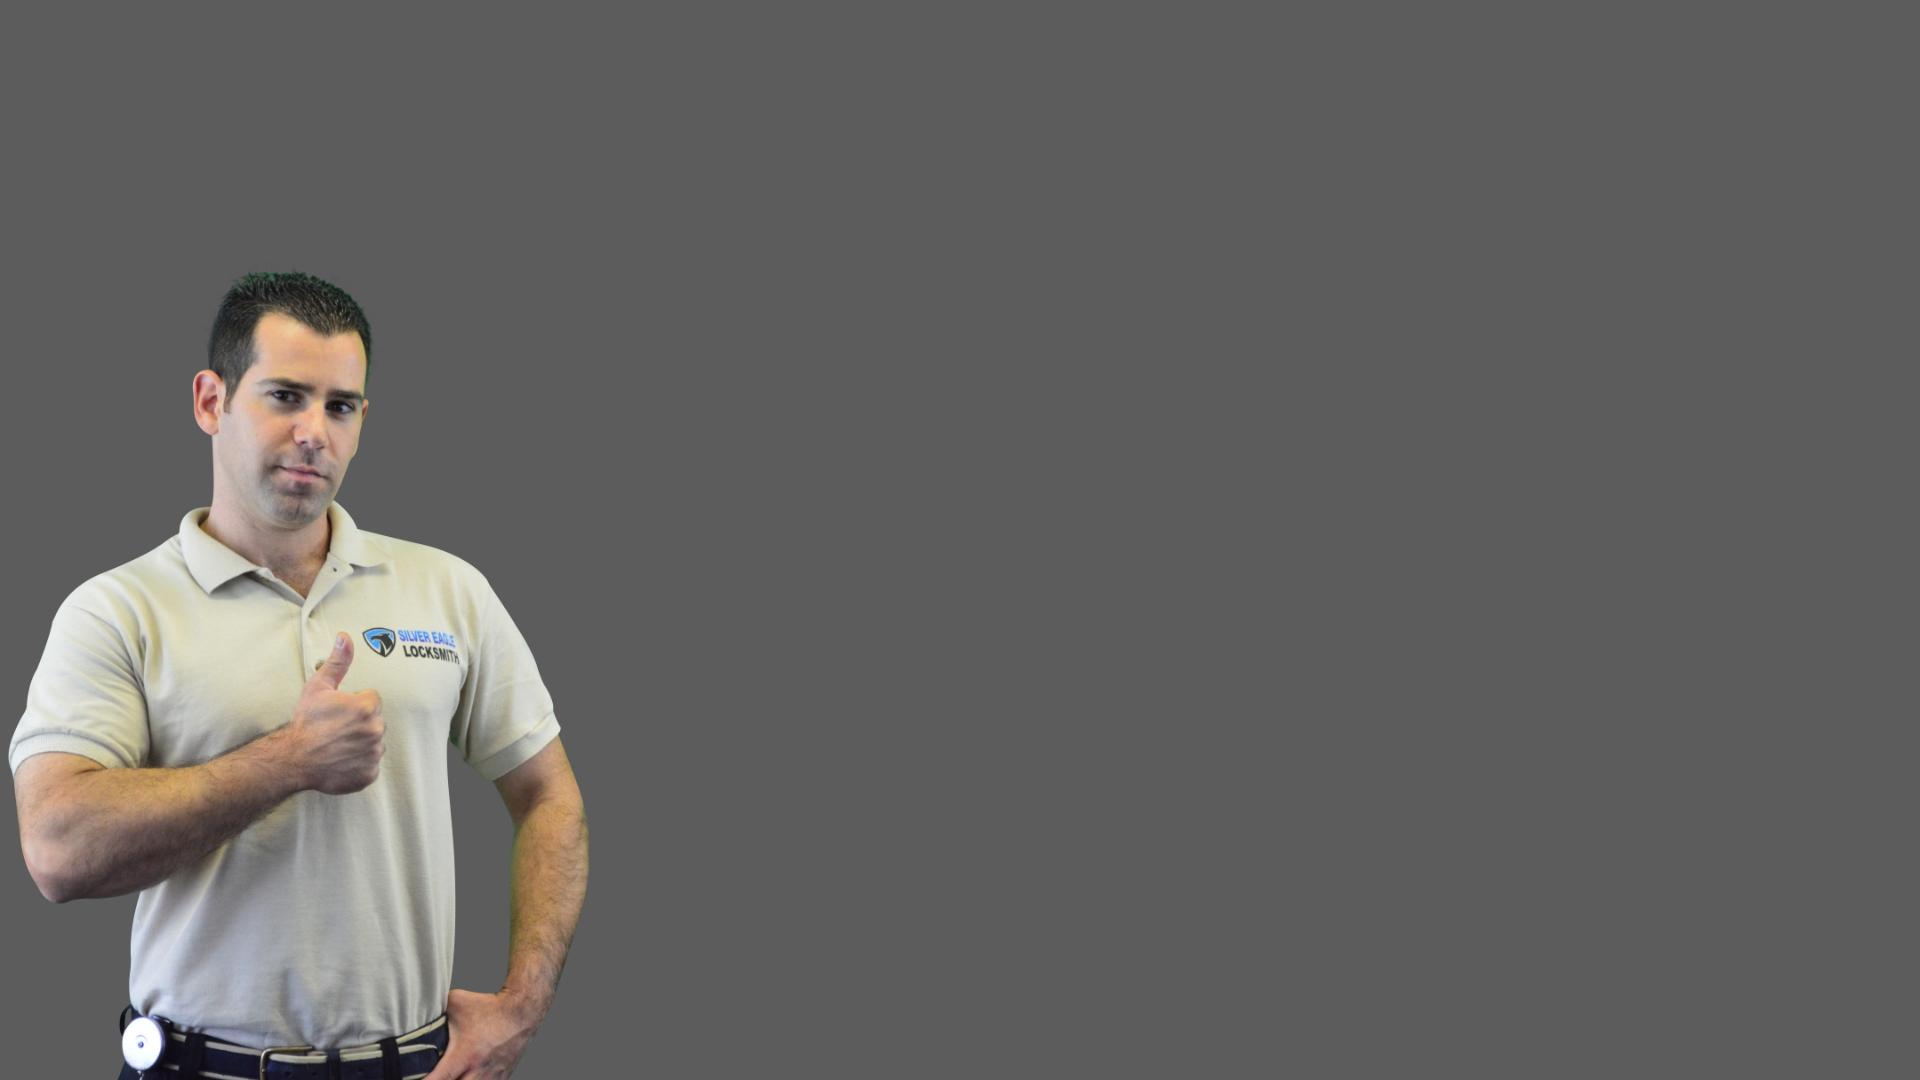 Silver Eagle Locksmith Las Vegas Coupon FREE ESTIMATE